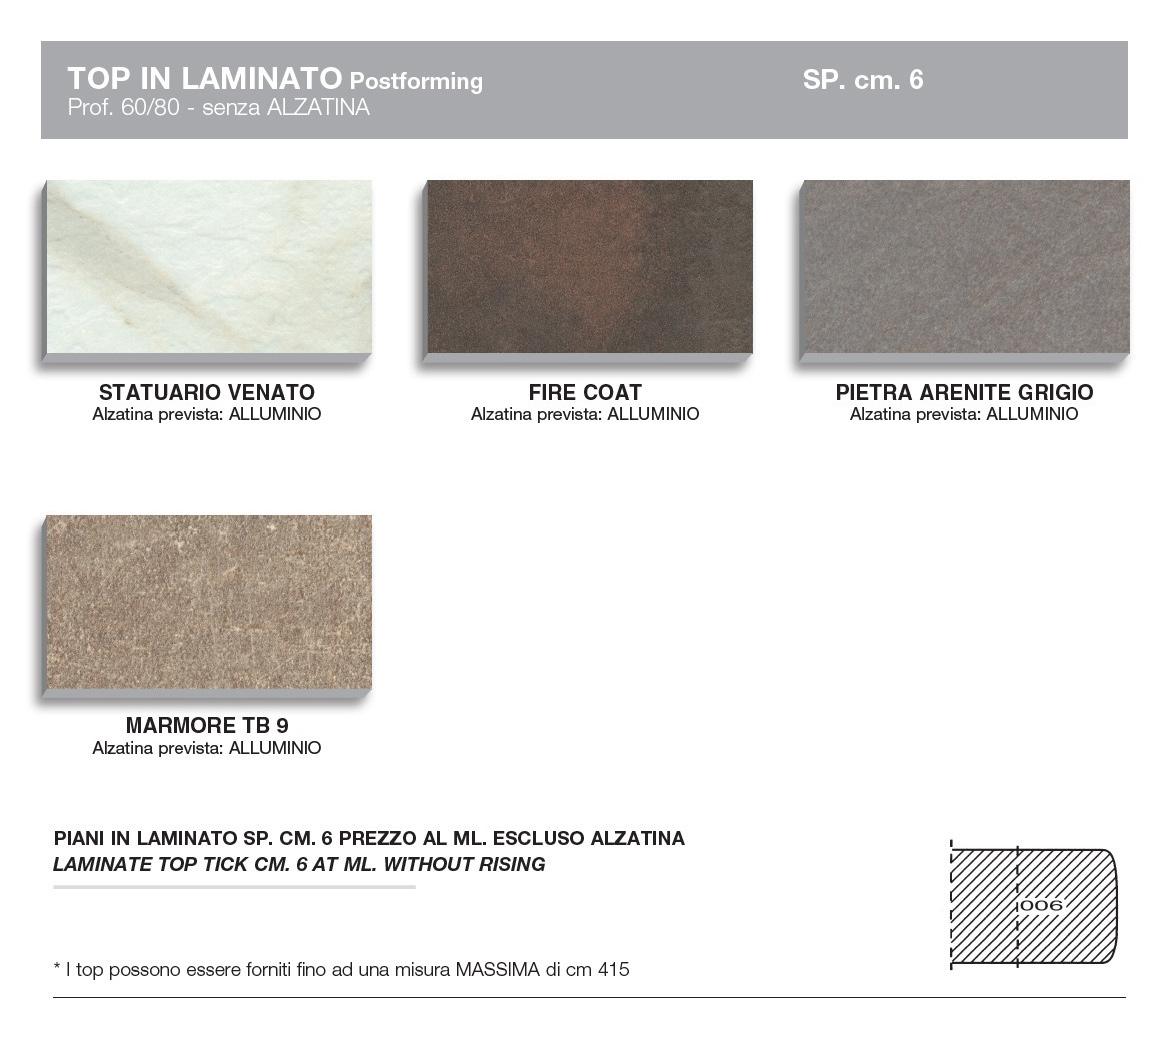 Top-laminato-Postforming-6cm – FOTO